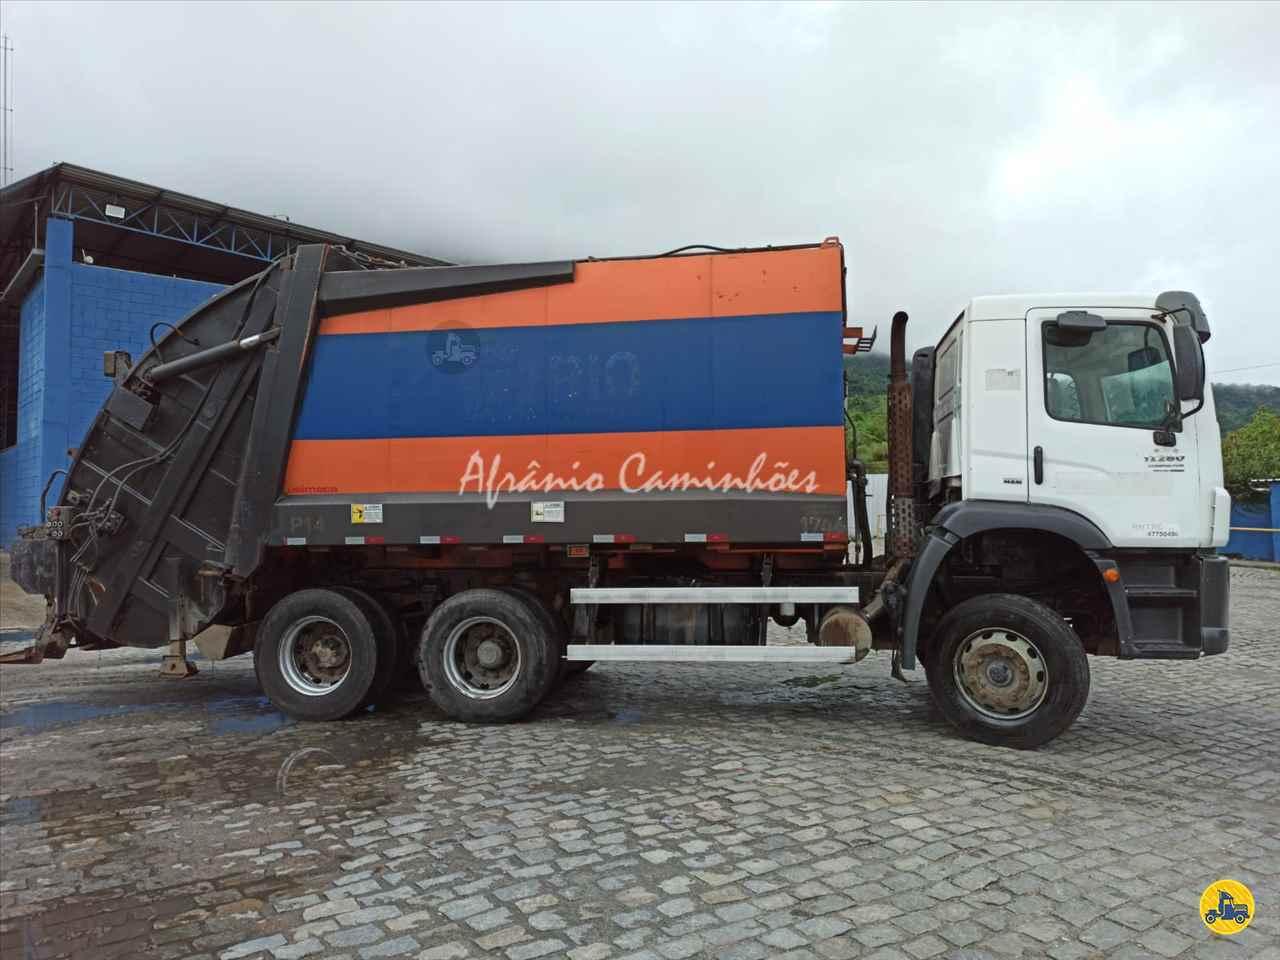 CAMINHAO VOLKSWAGEN VW 17280 Coletor de Lixo Truck 6x2 Afranio Caminhões RIO BONITO RIO DE JANEIRO RJ